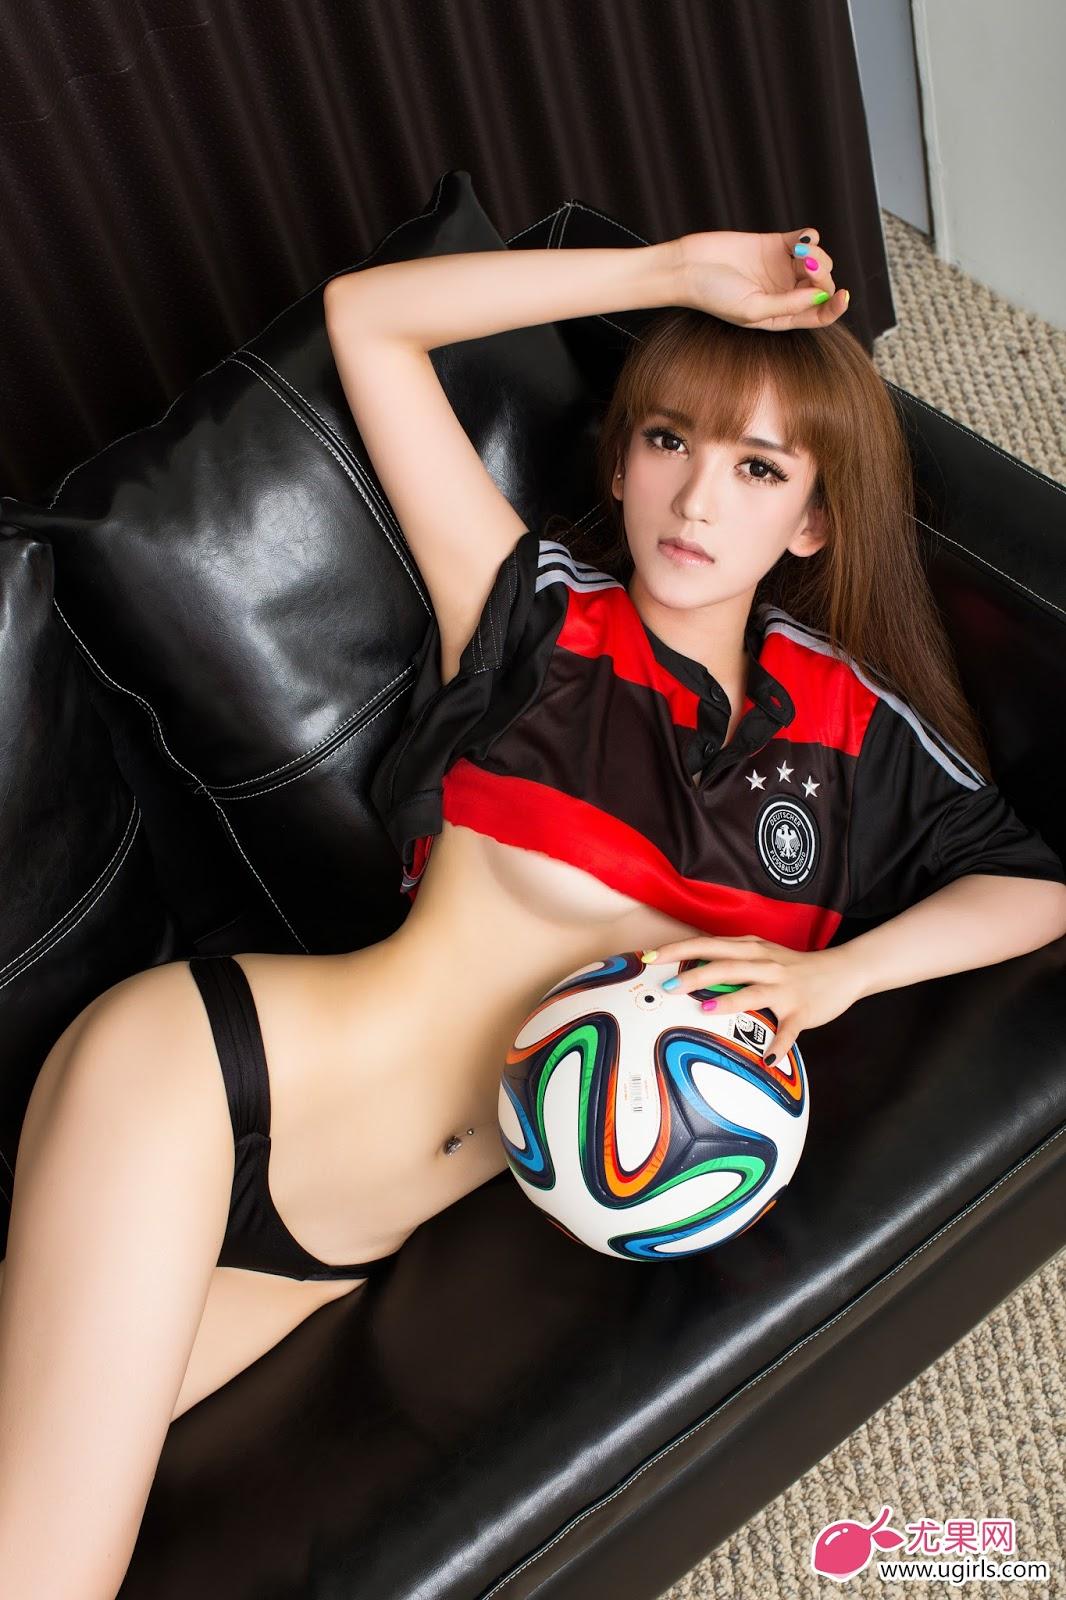 nude qi Asian model yu an